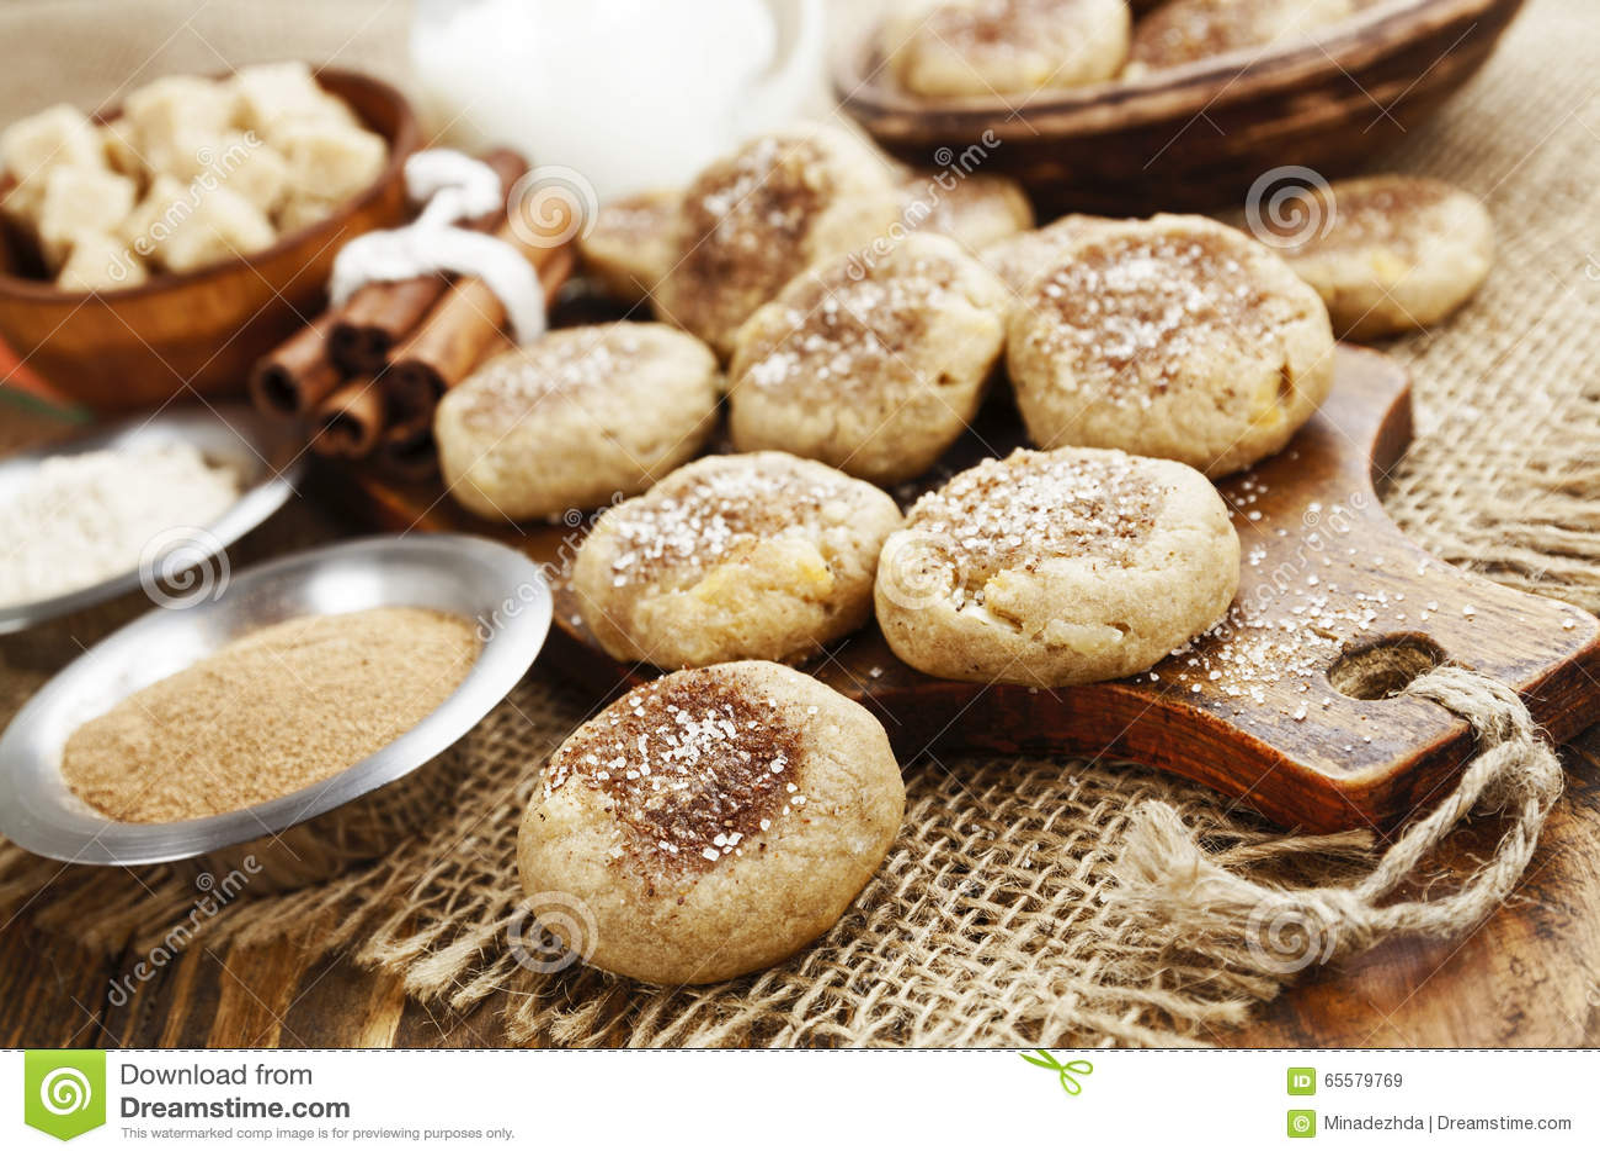 Cookies de farinha de aveia caseiros com canela